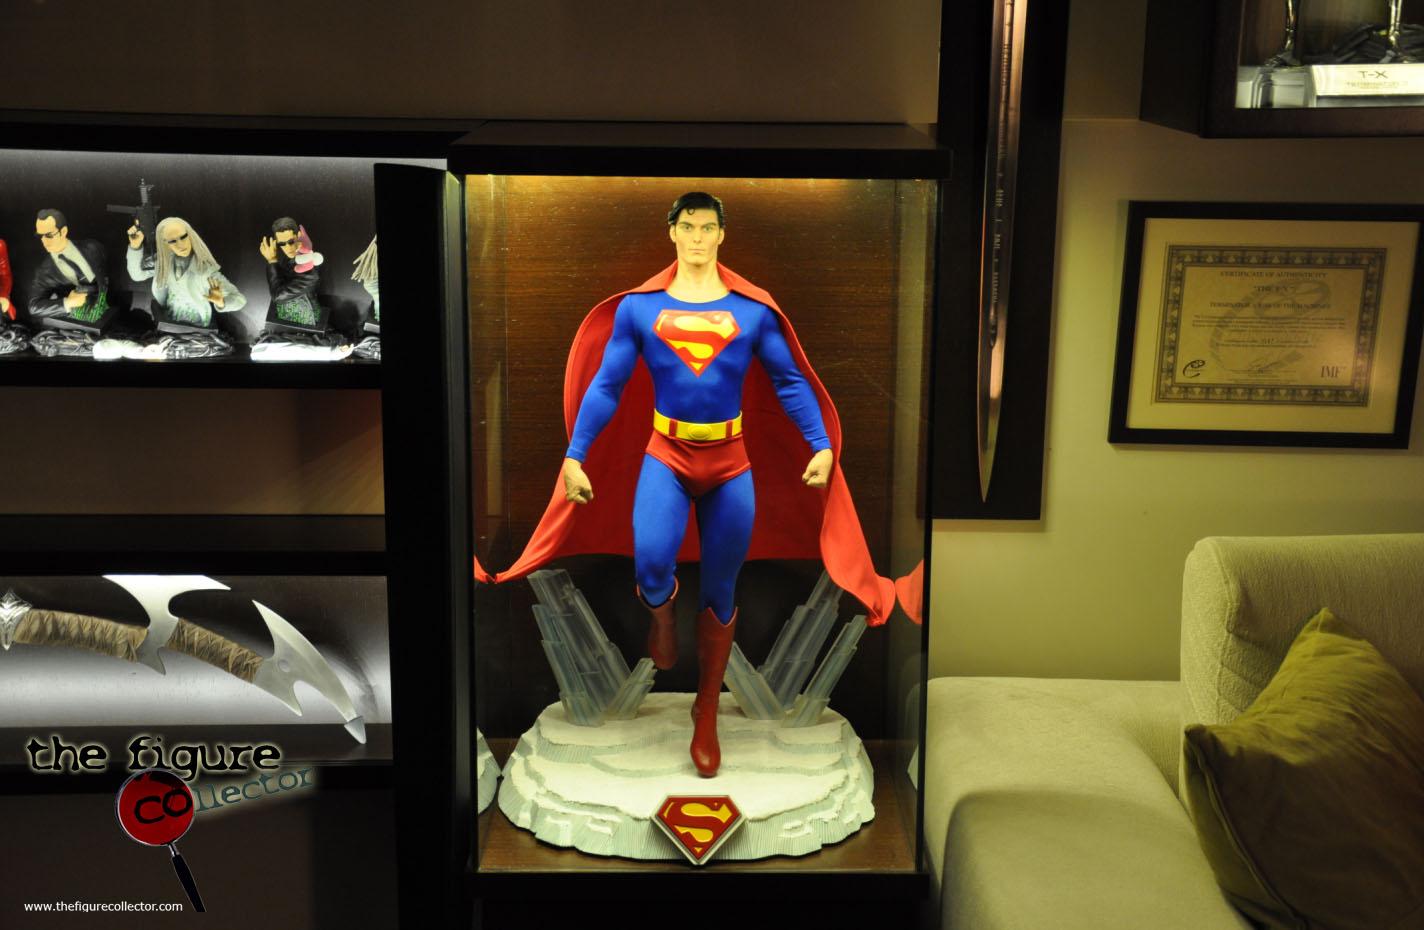 Colecao do Turco louis gara do forum Sideshow Collectors! Pobrinho!!! Superman-Cinemaquette-15